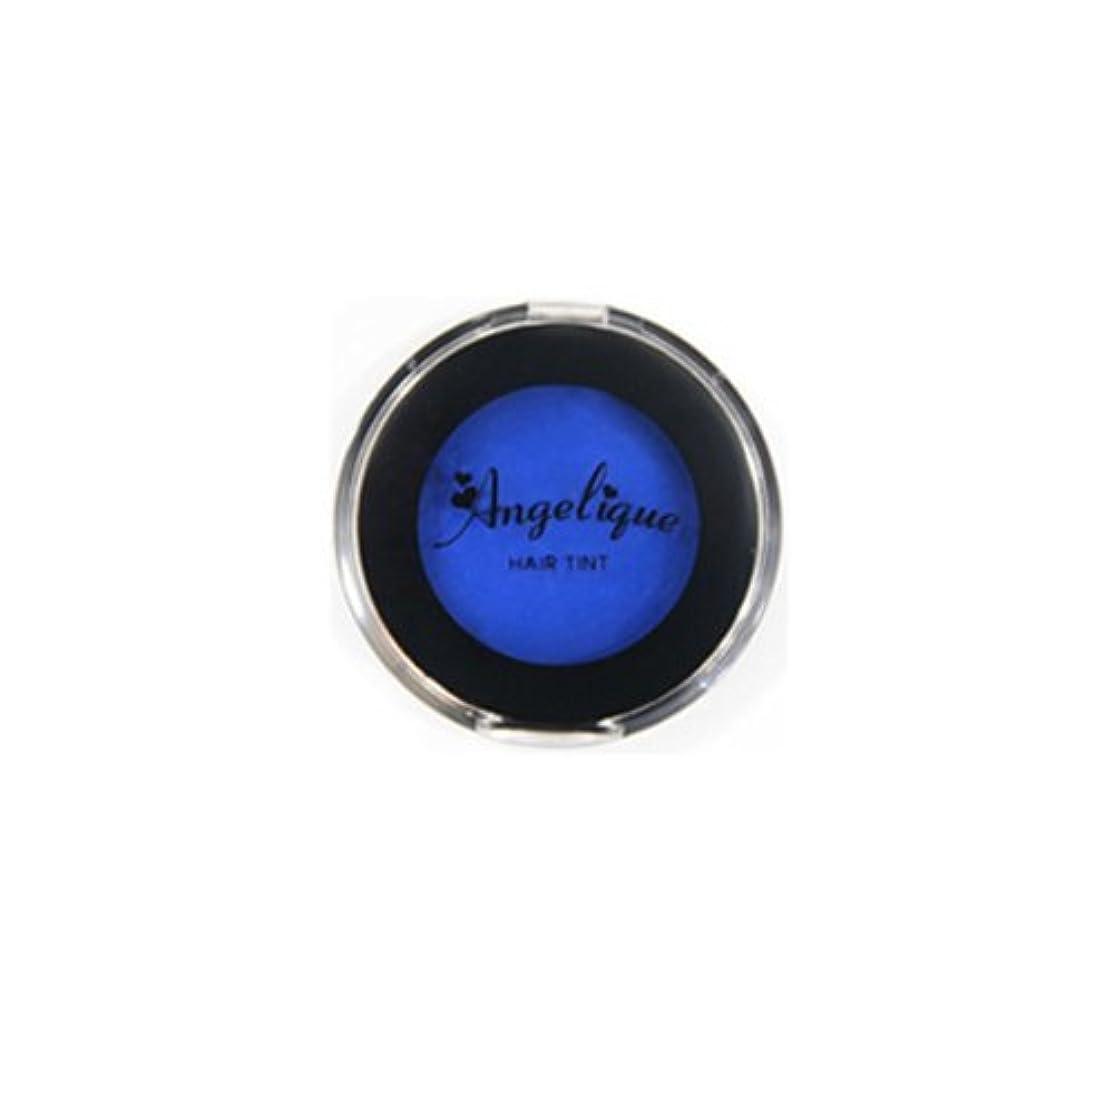 電子レンジ眩惑する規制Angelique(アンジェリーク) ヘアチョーク ティント TINT ヘアカラーチョーク パウダータイプ ブルー